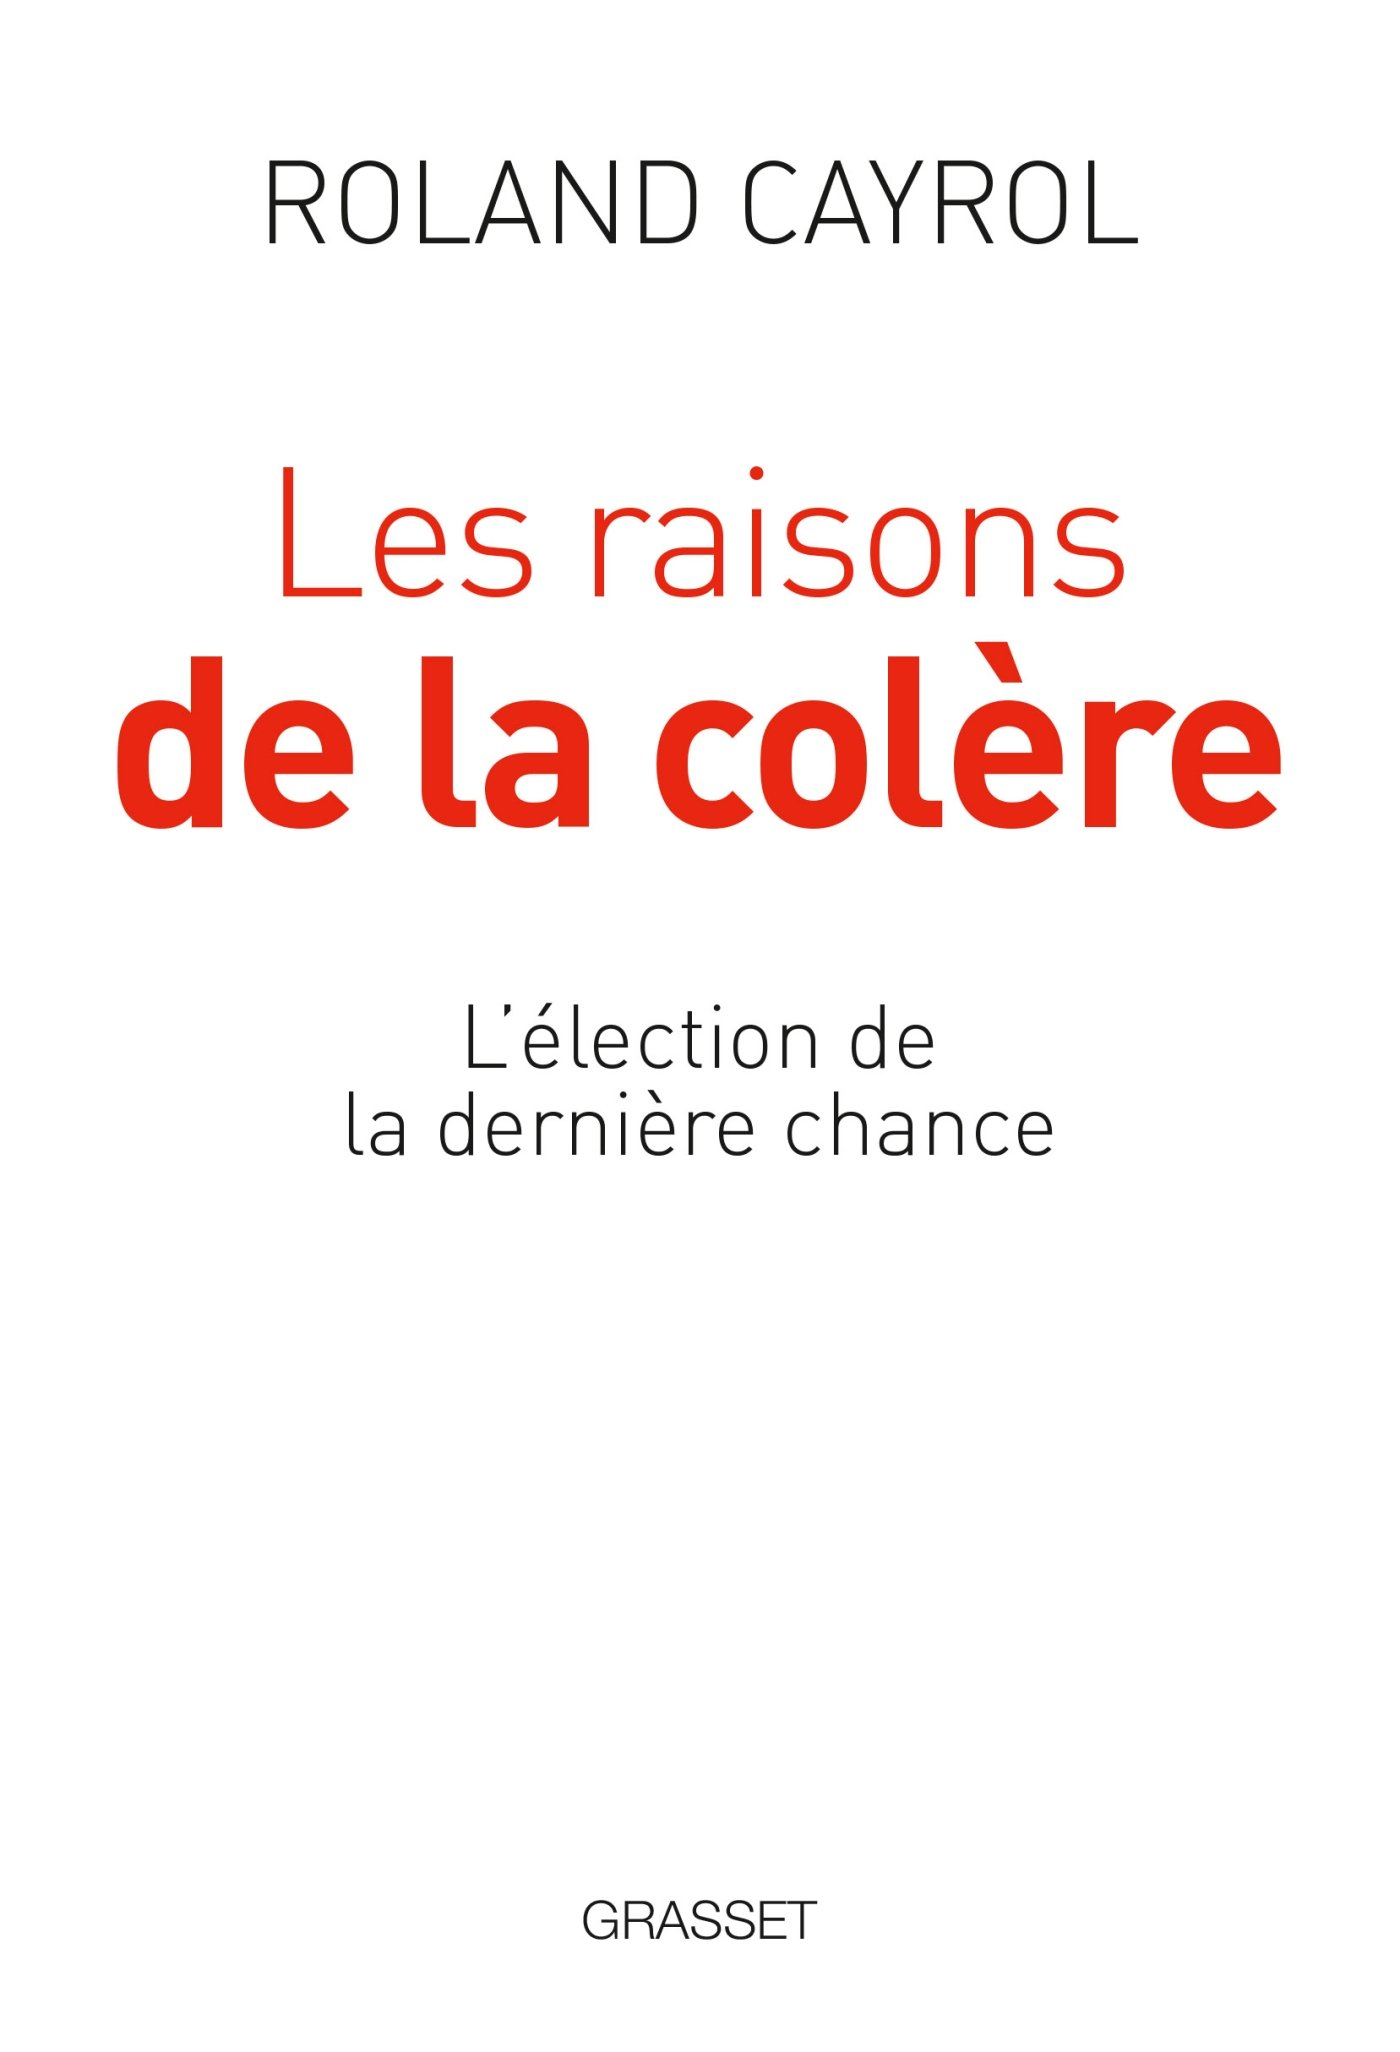 Les raisons de la colère: L'élection de la dernière chance Broché – 15 mars 2017 Roland Cayrol Grasset 2246862477 Actualités